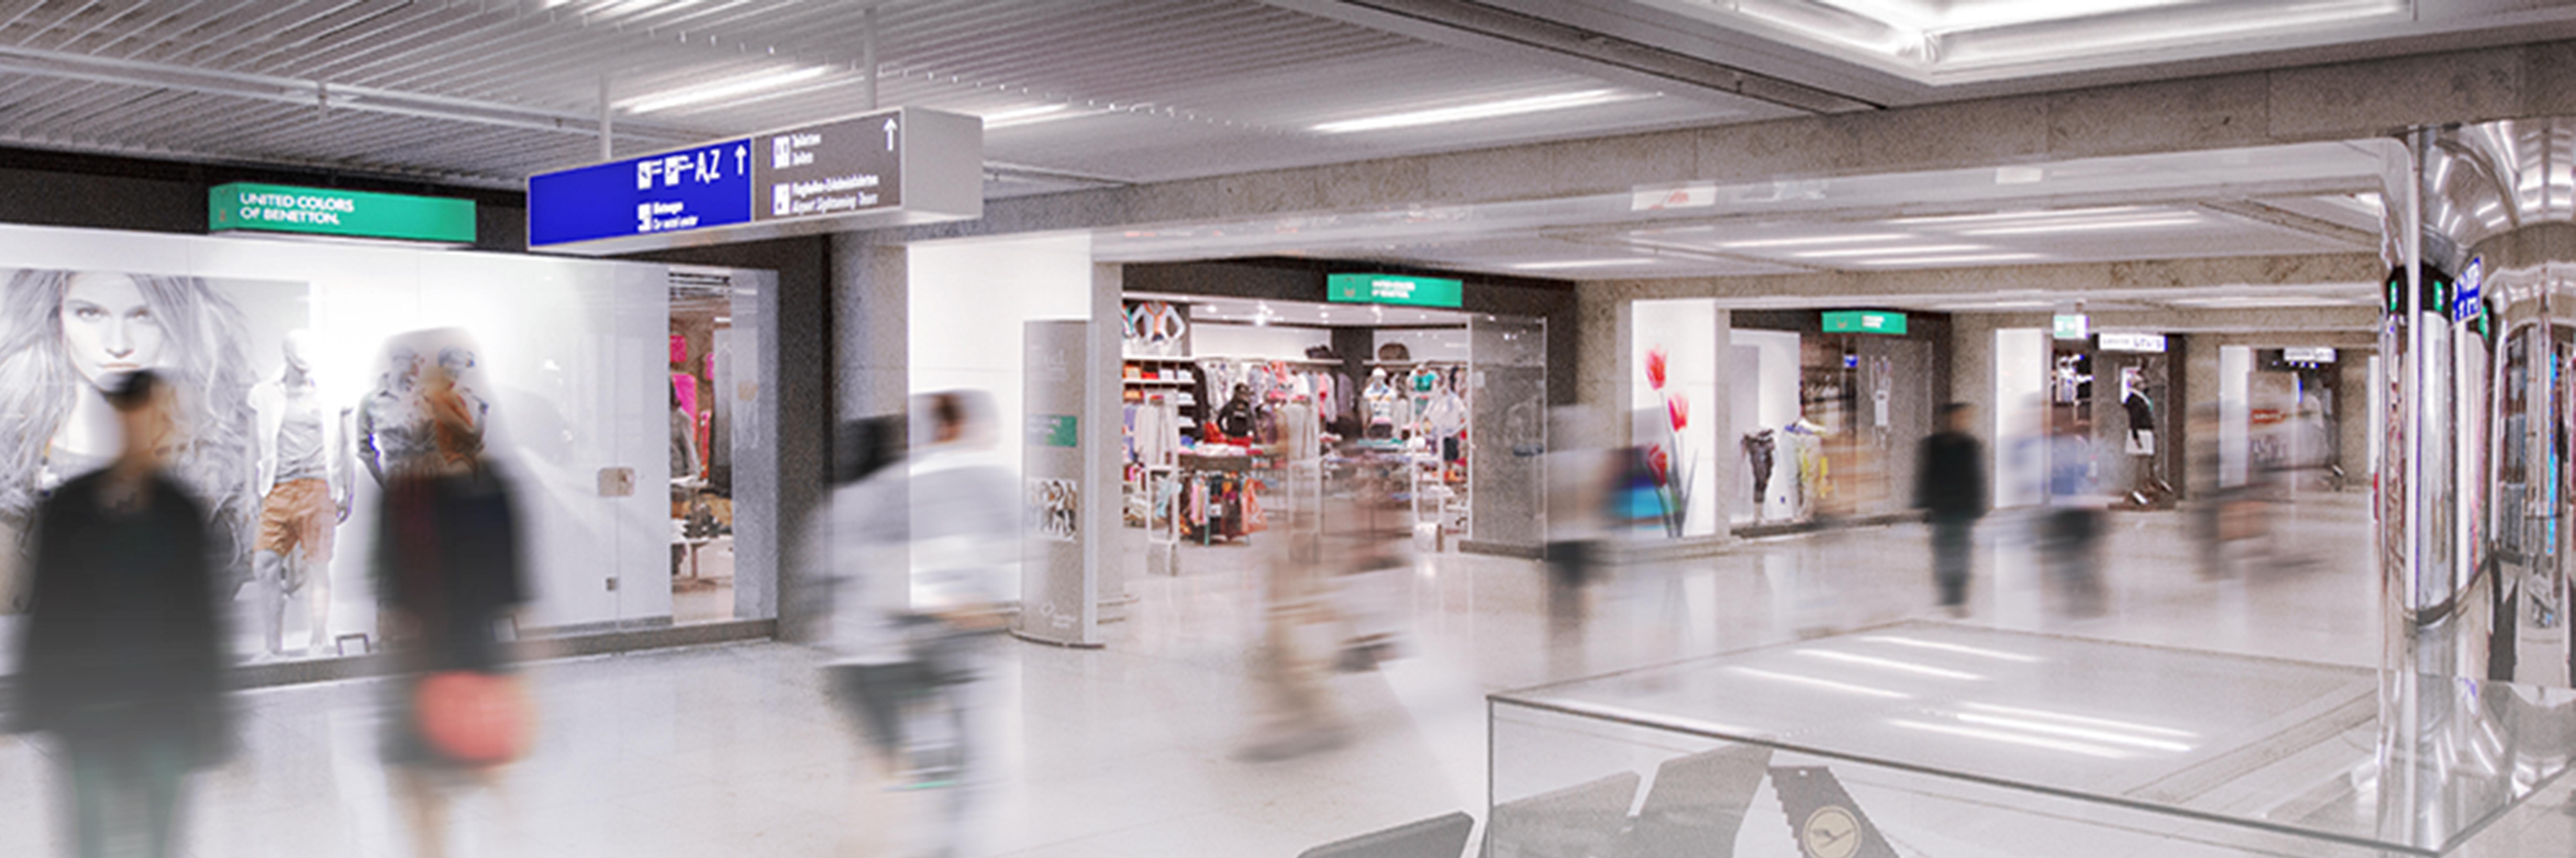 El digital signage llega al aeropuerto de Frankfurt para facilitar el viaje a los pasajeros